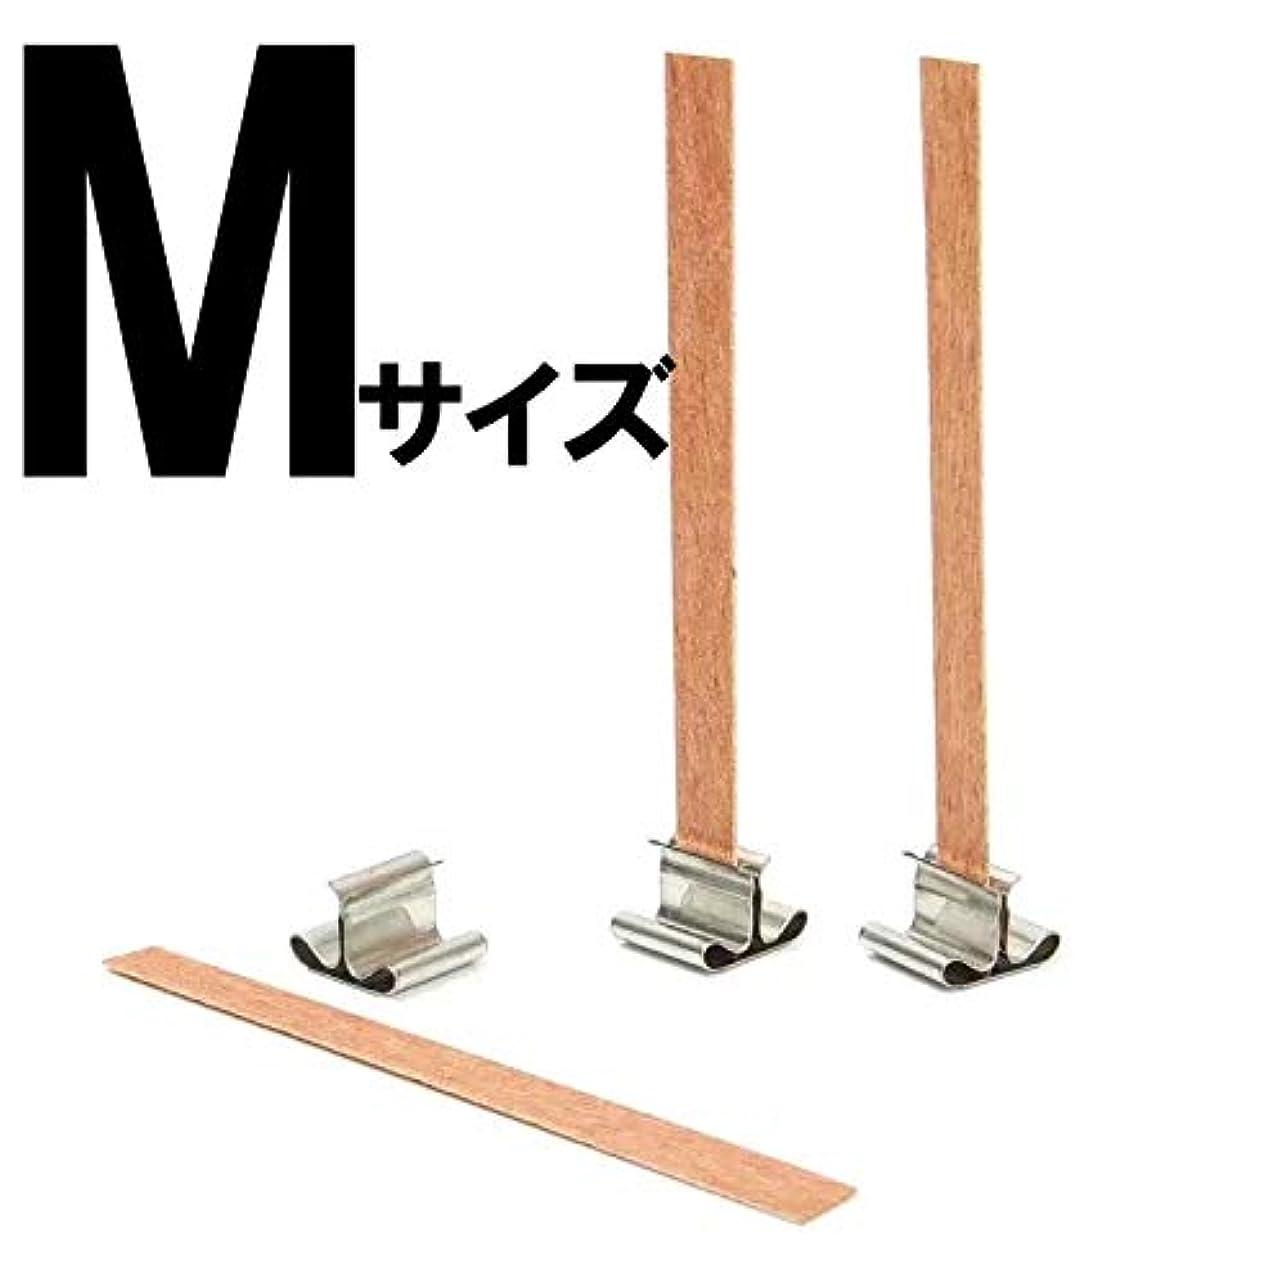 ベジタリアンモンキー金貸しキャンドル用 木芯 ウッドウィック 座金付き Mサイズ (5本セット)